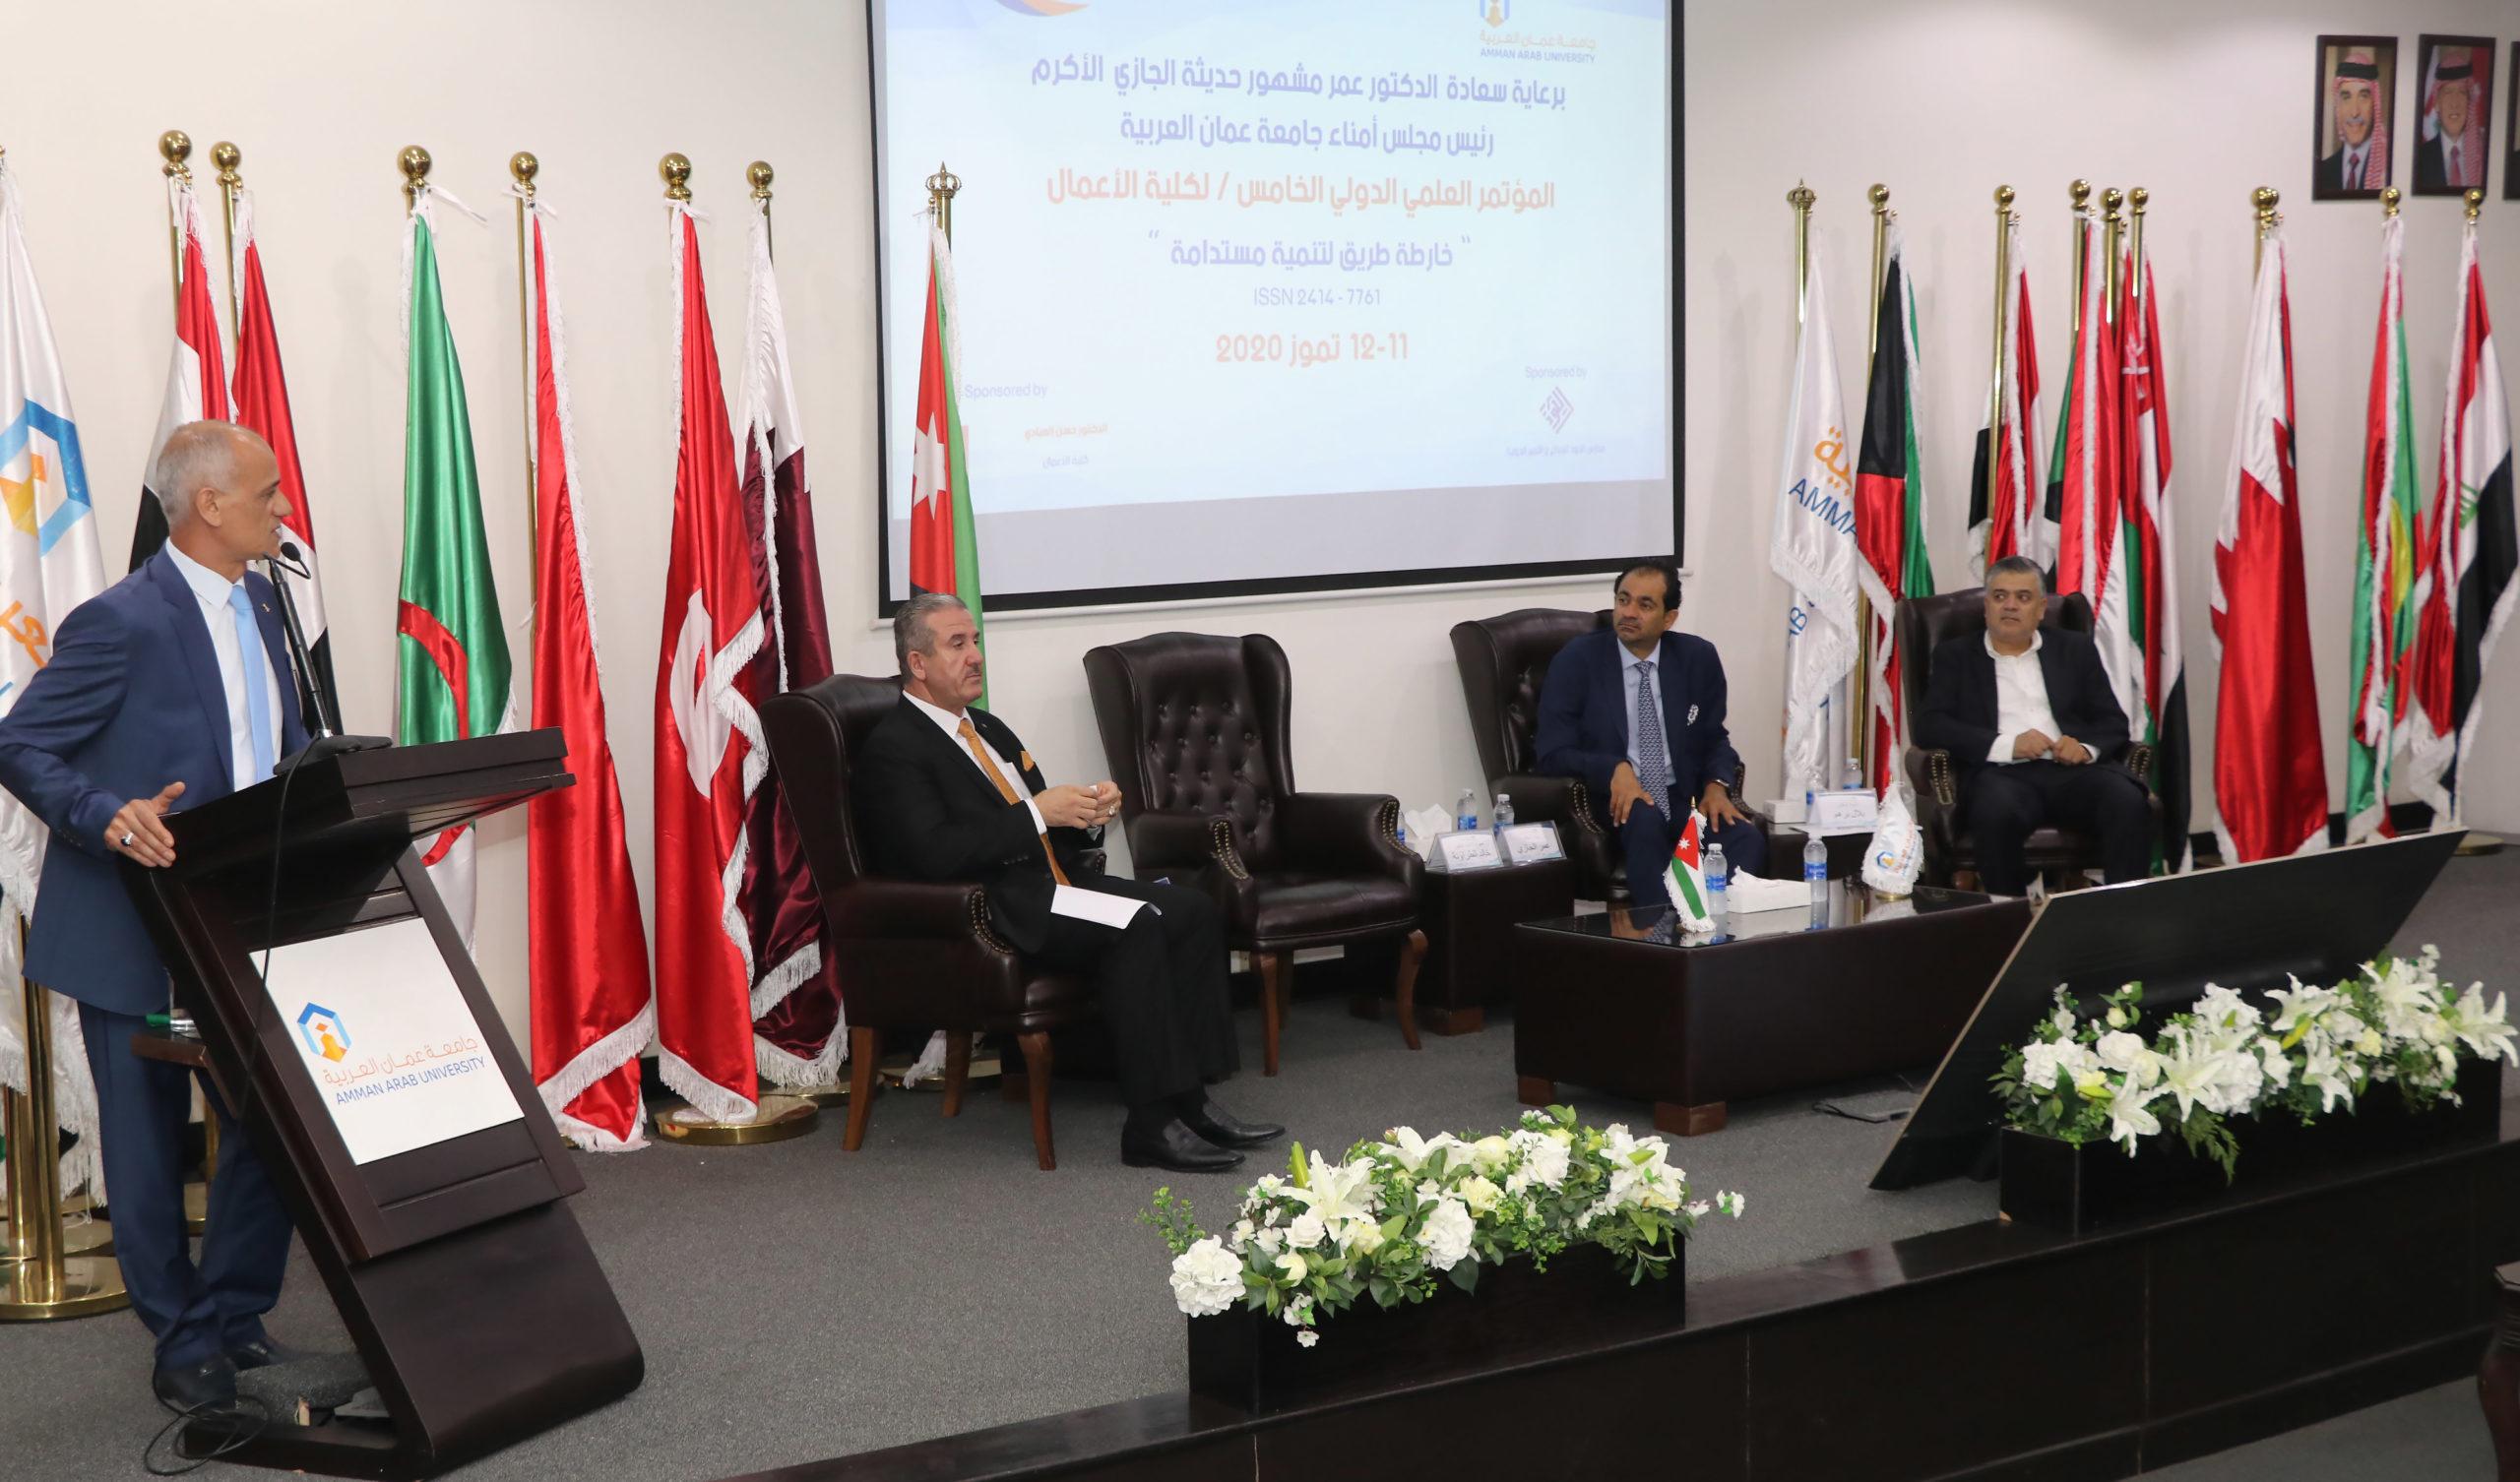 """مؤتمر التنمية المستدامة لـ""""عمان العربية"""" ينطلق السبت في نسخته الخامسة العلمية المحكمة"""